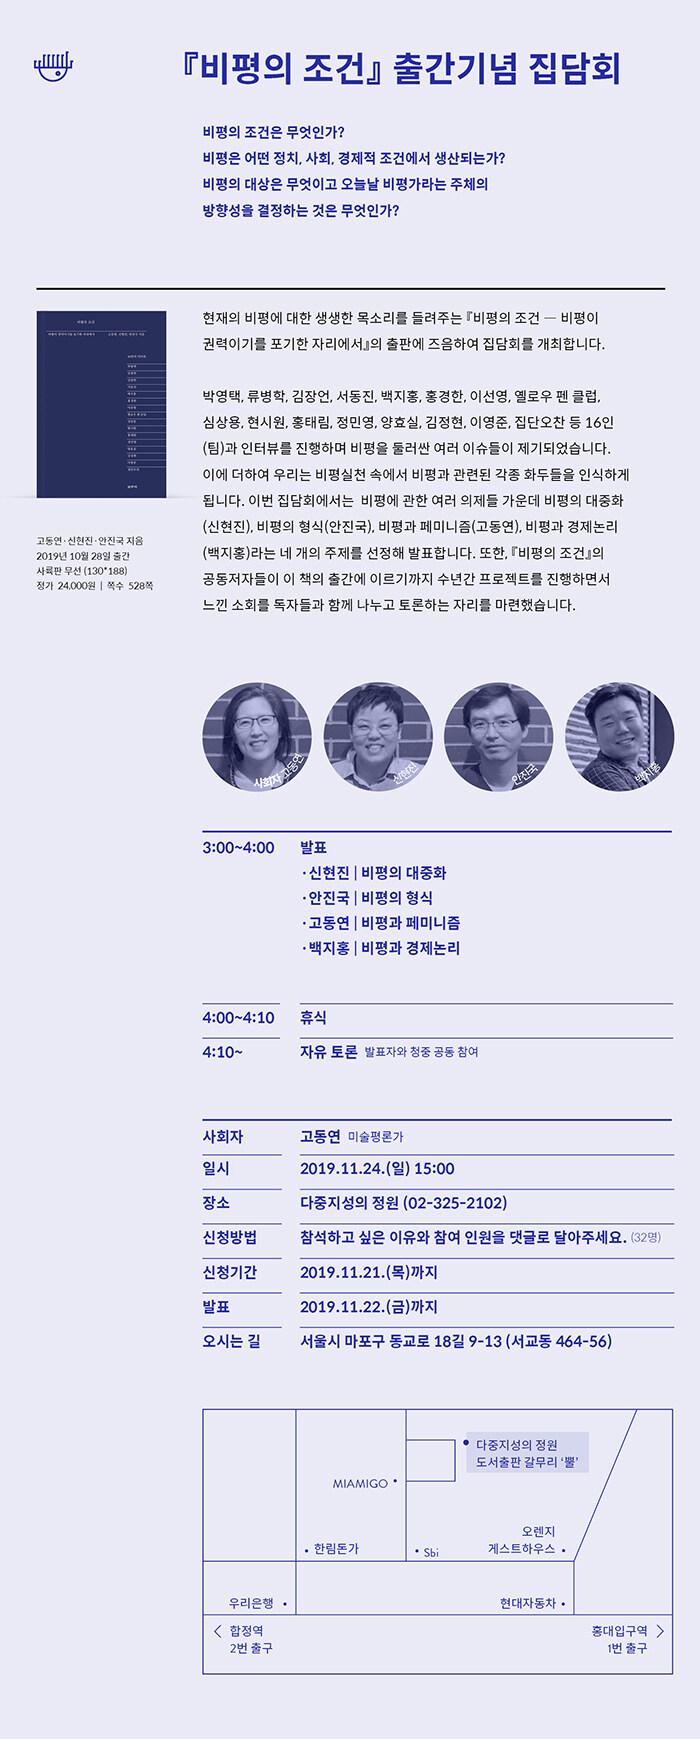 <비평의 조건> 출간기념 집담회